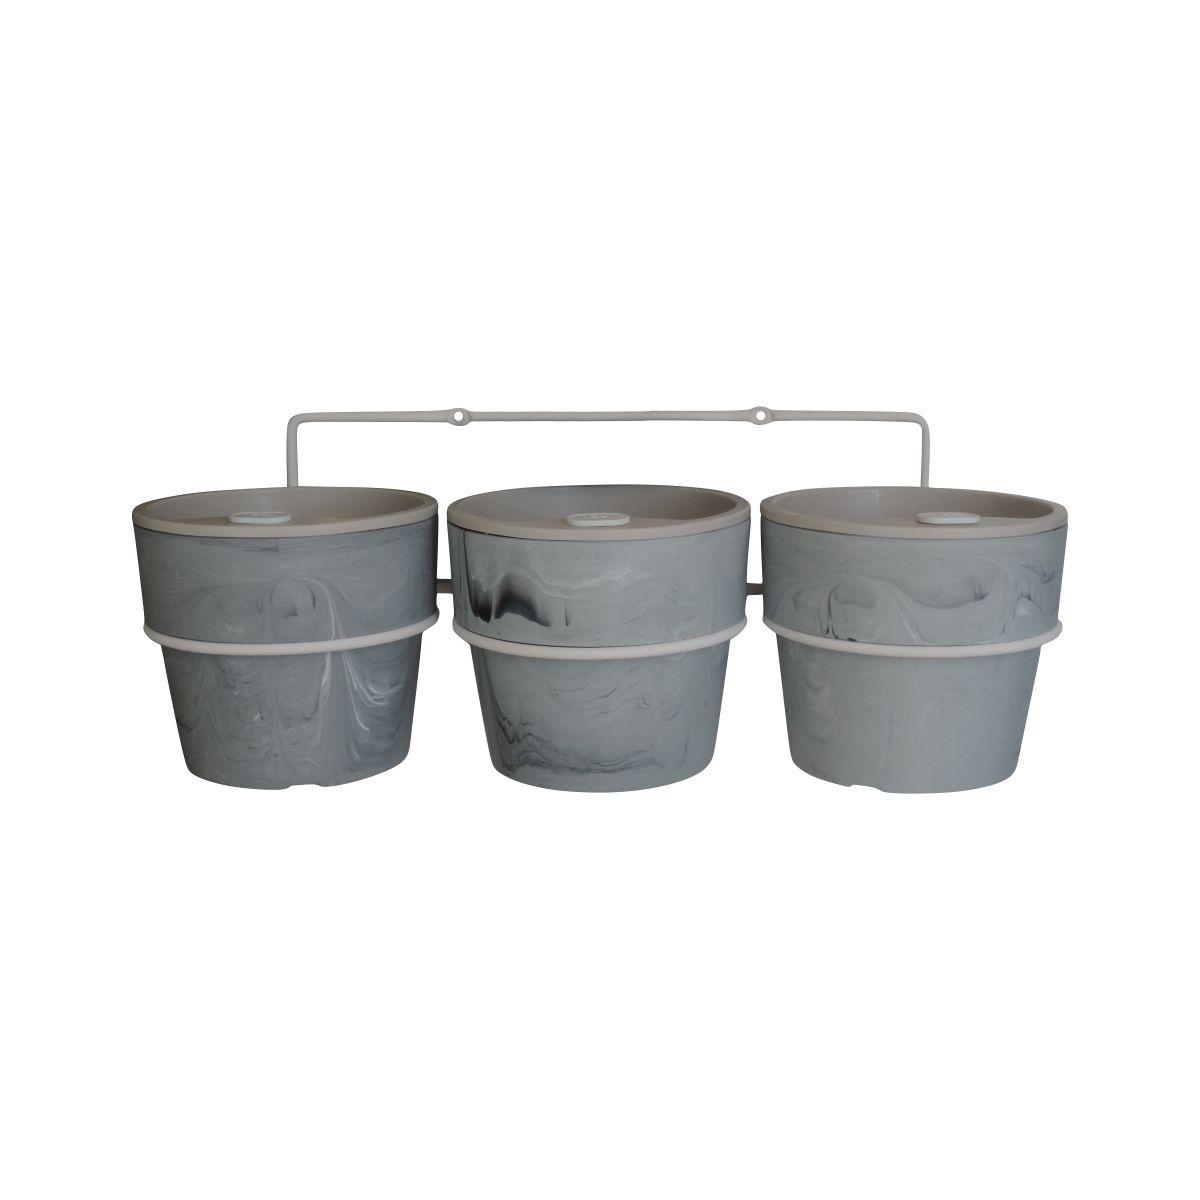 Kit com 3 Vasos Autoirrigáveis Concreto com Suporte + Plaquinhas Linha Plantar < Ou >